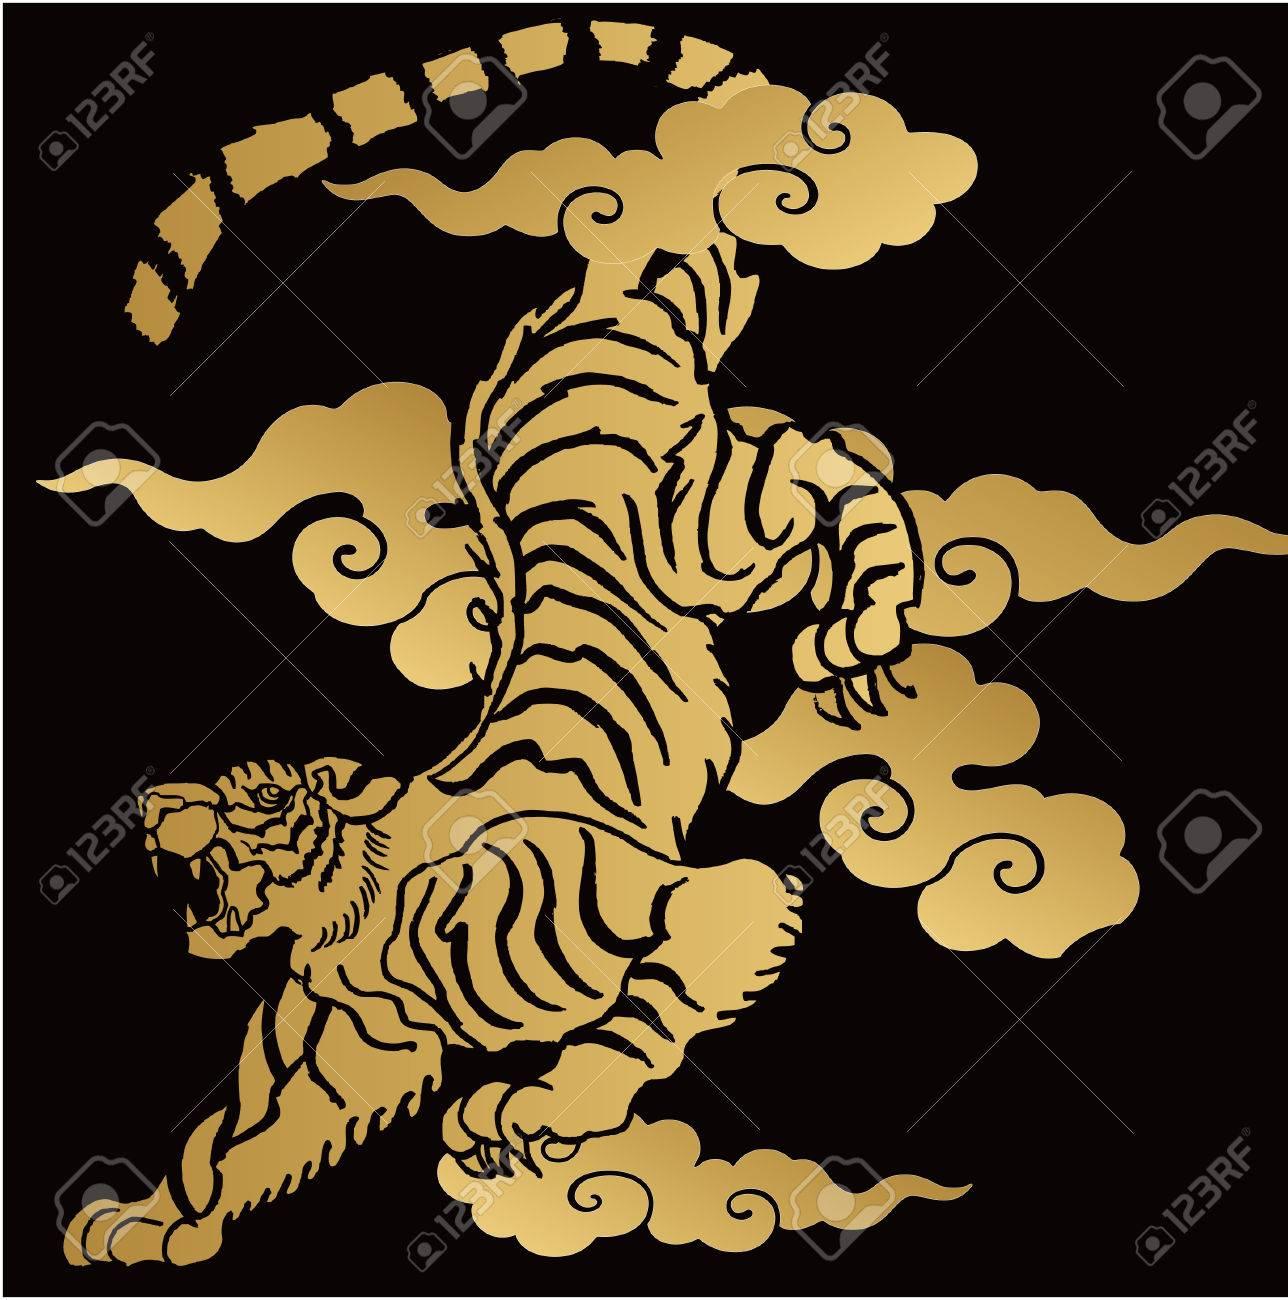 Japanese tiger illustration for design material - 60750942